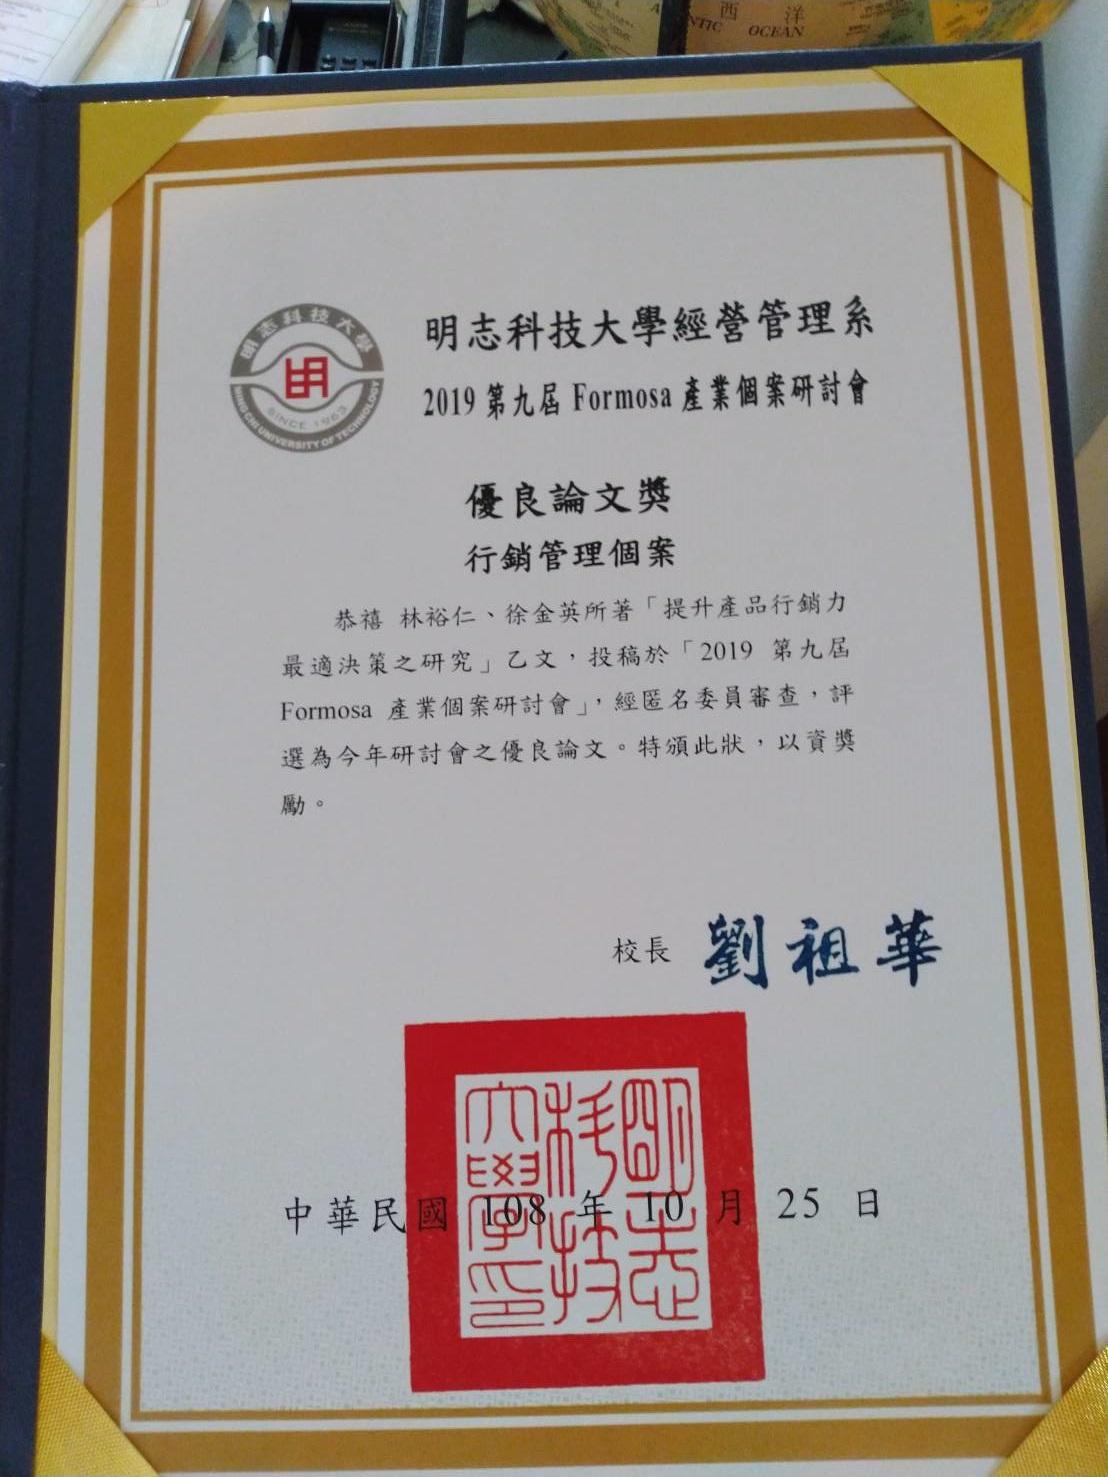 2019 第九屆 Formosa 產業個案研討會-1